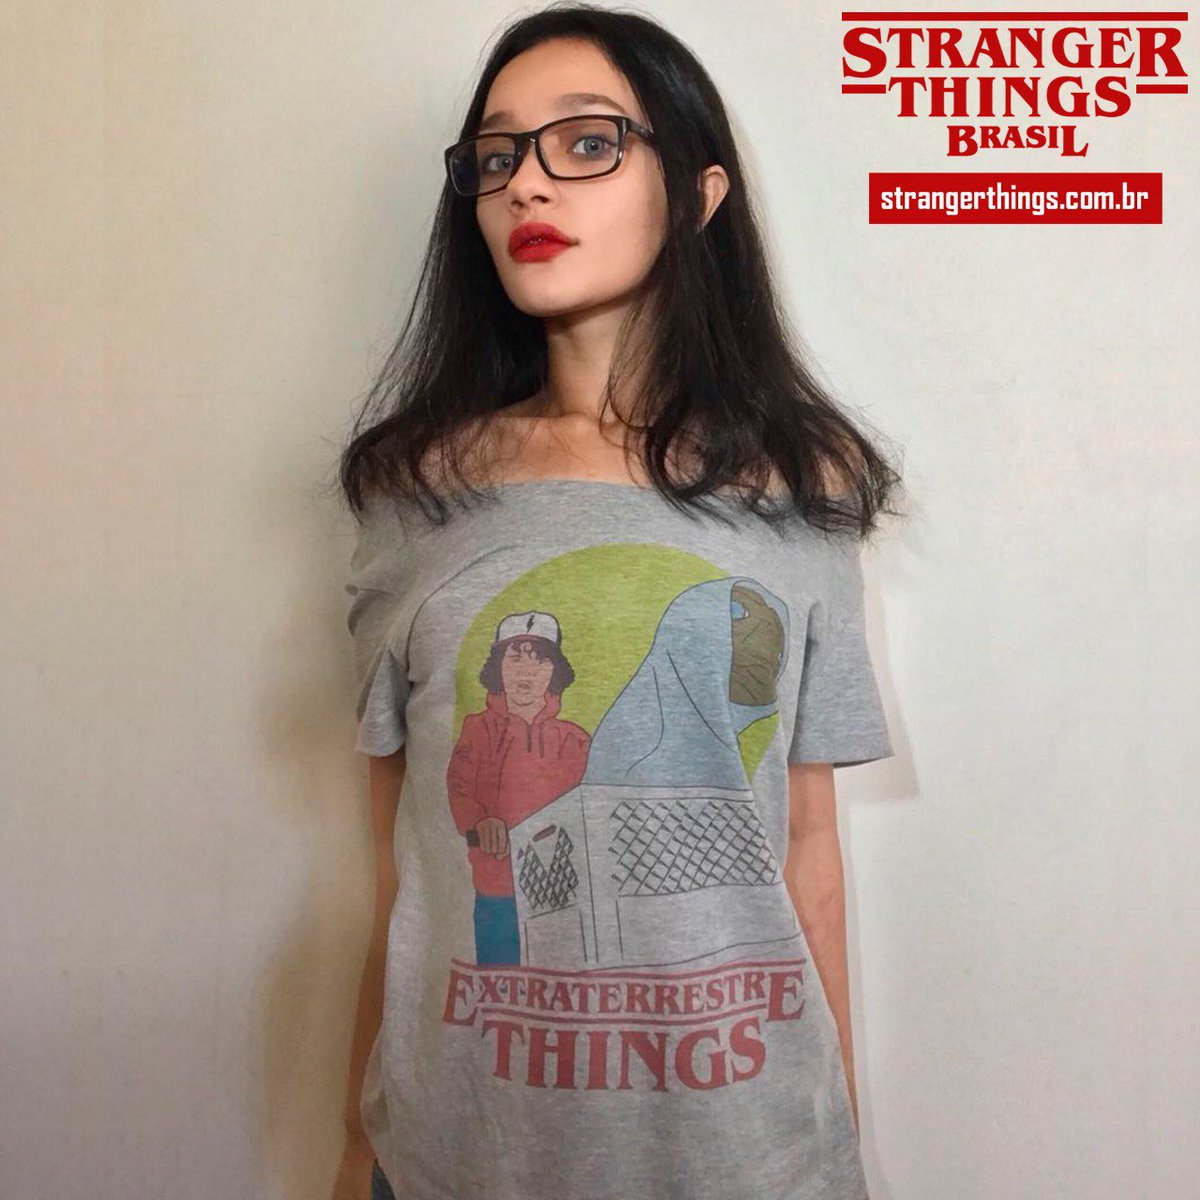 Quer uma camiseta